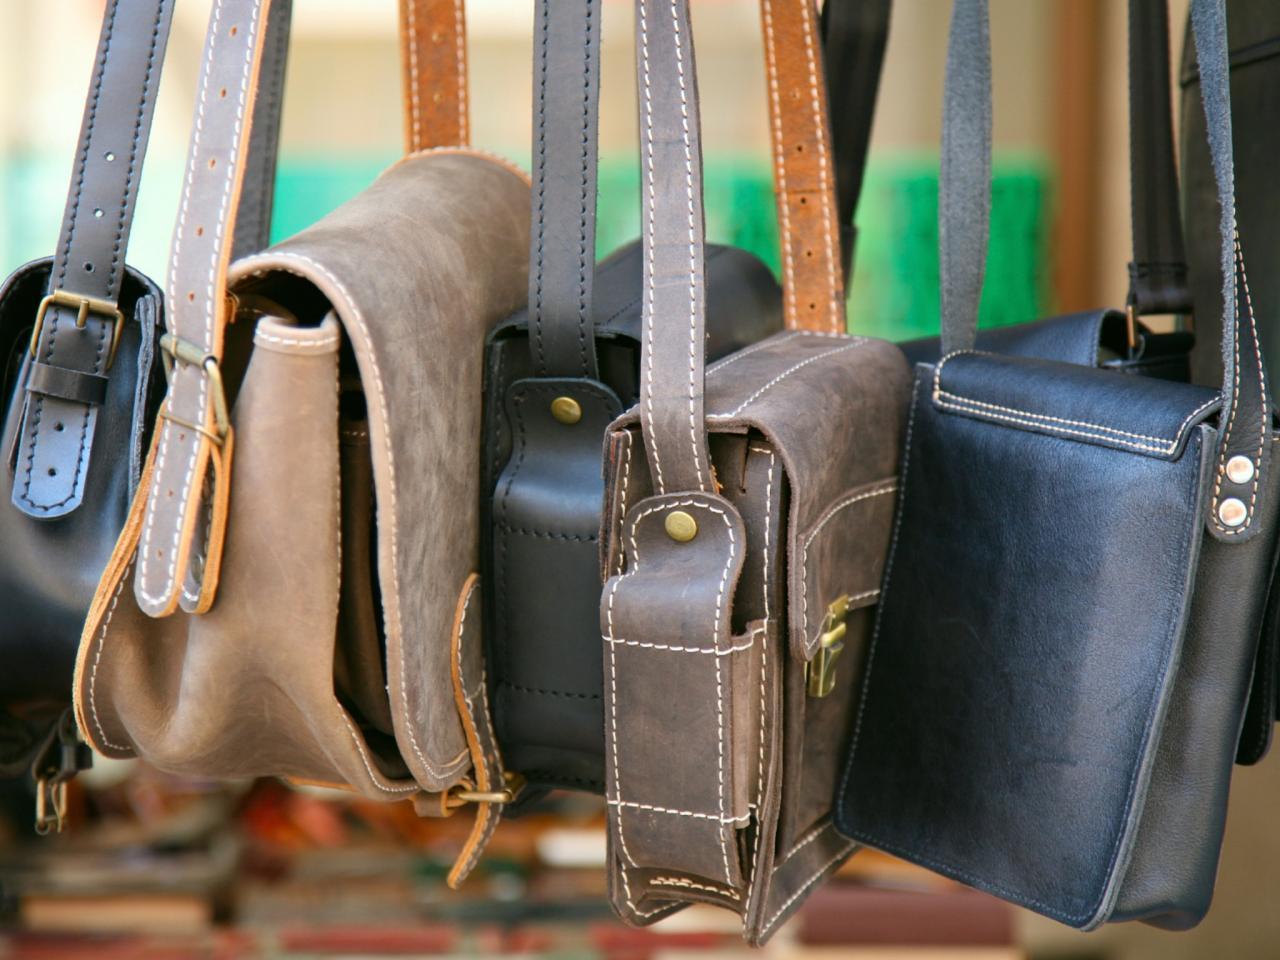 0d4a08ee8eab Для того, чтобы не пришлось часто стирать внутреннюю подкладку в сумке,  нужно принимать профилактические меры, которые будут препятствовать  образованию ...